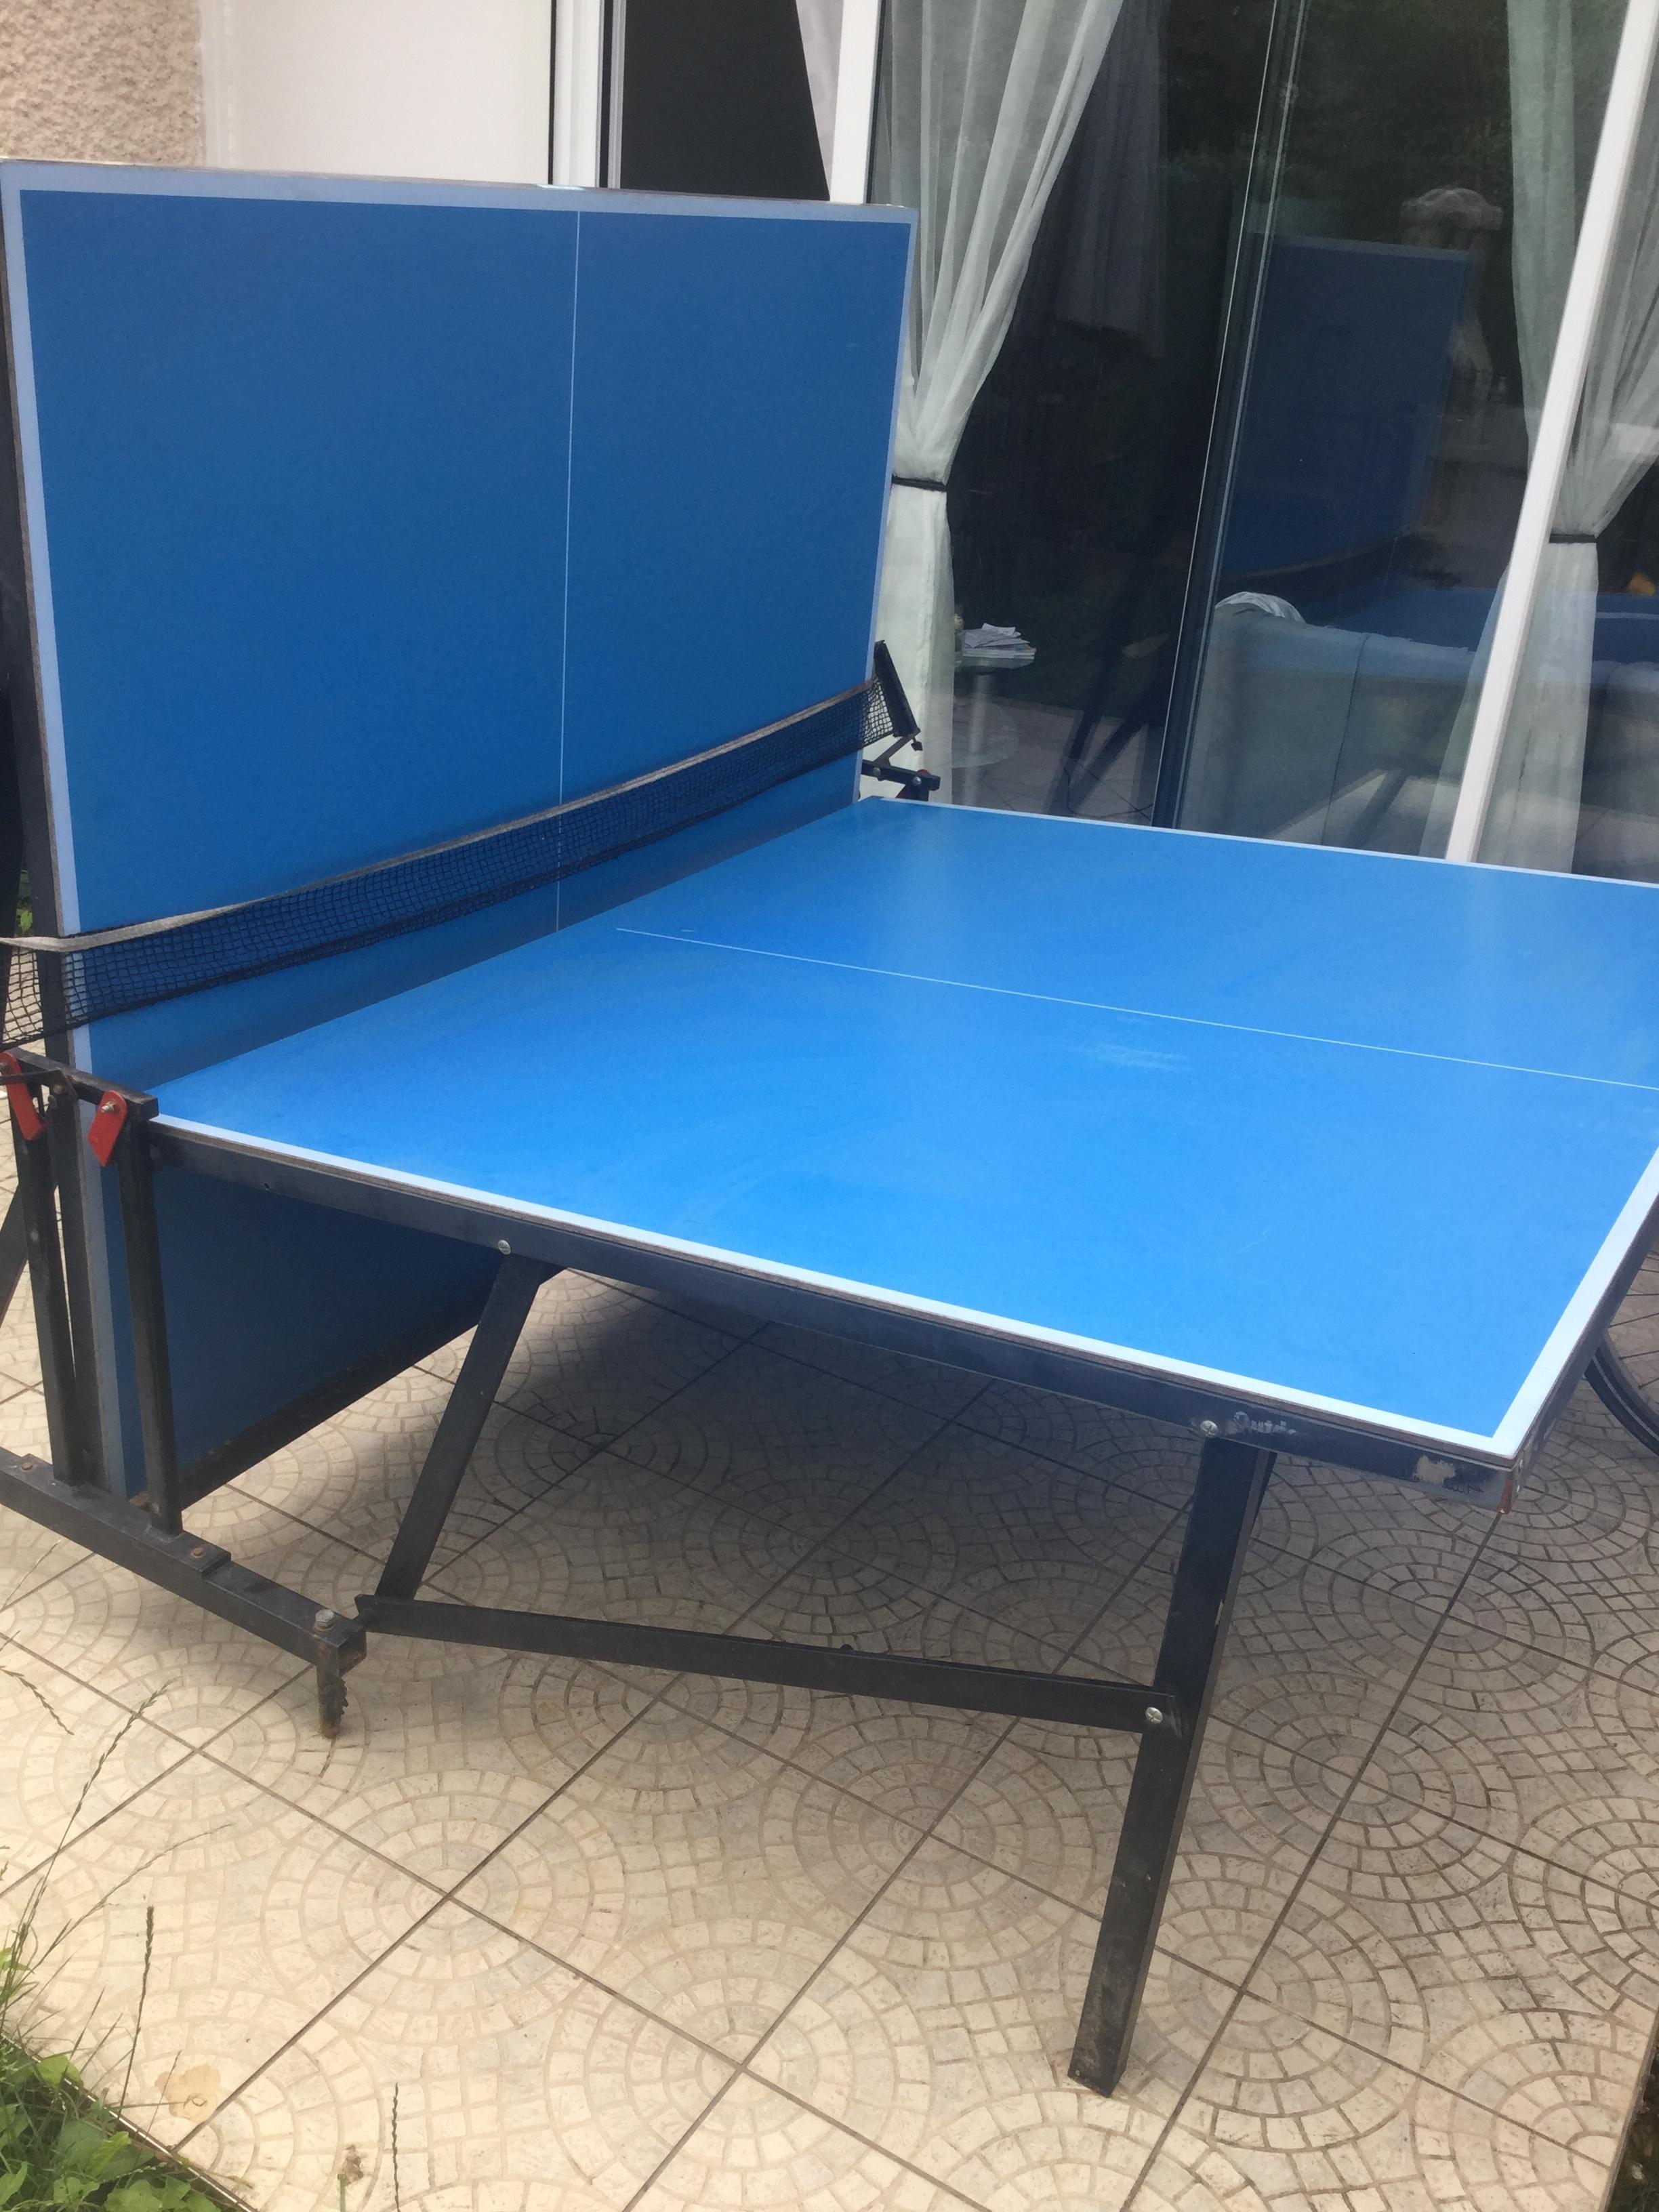 Cherche roues vieille table g n ral forum de tennis de table et ping pong - Roue pour table de ping pong ...